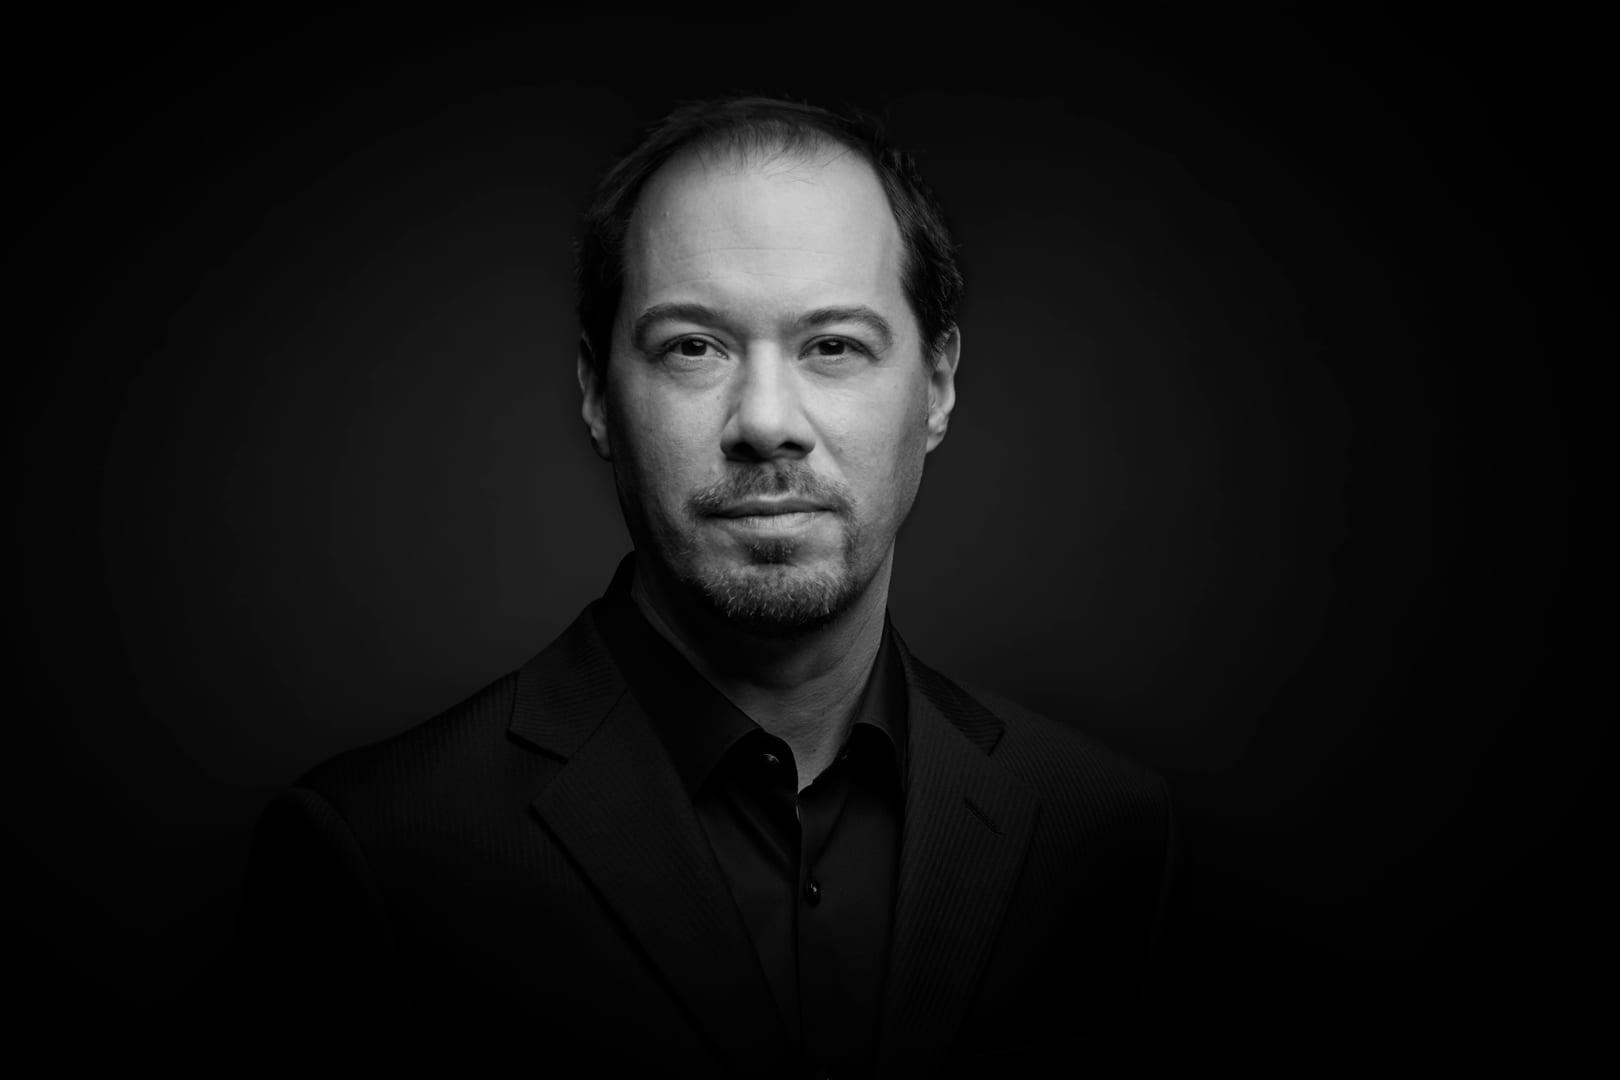 Philip Essinger